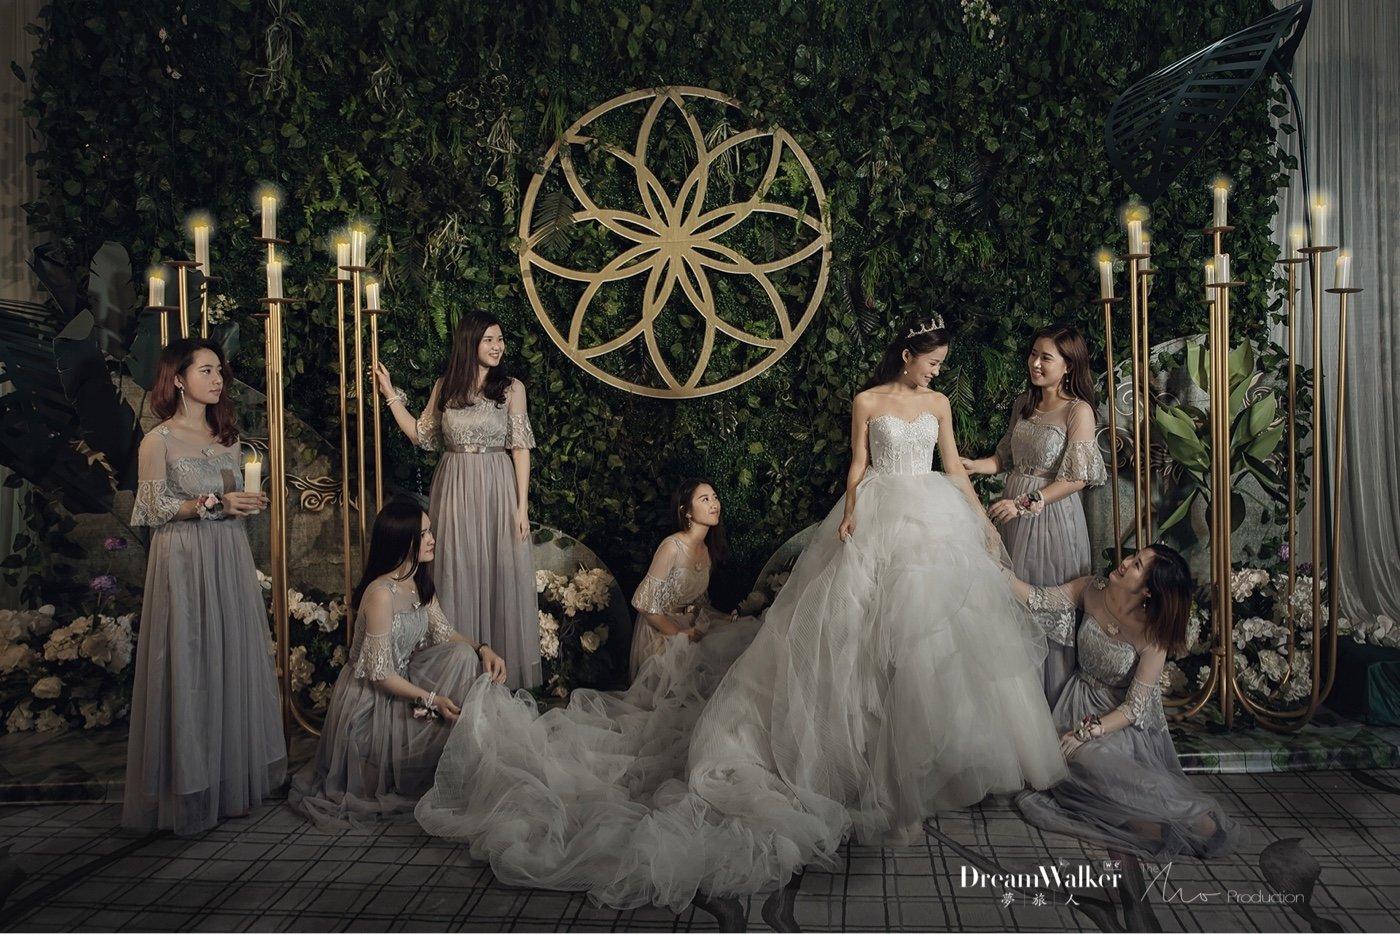 MoFoTo 婚礼作品合集49